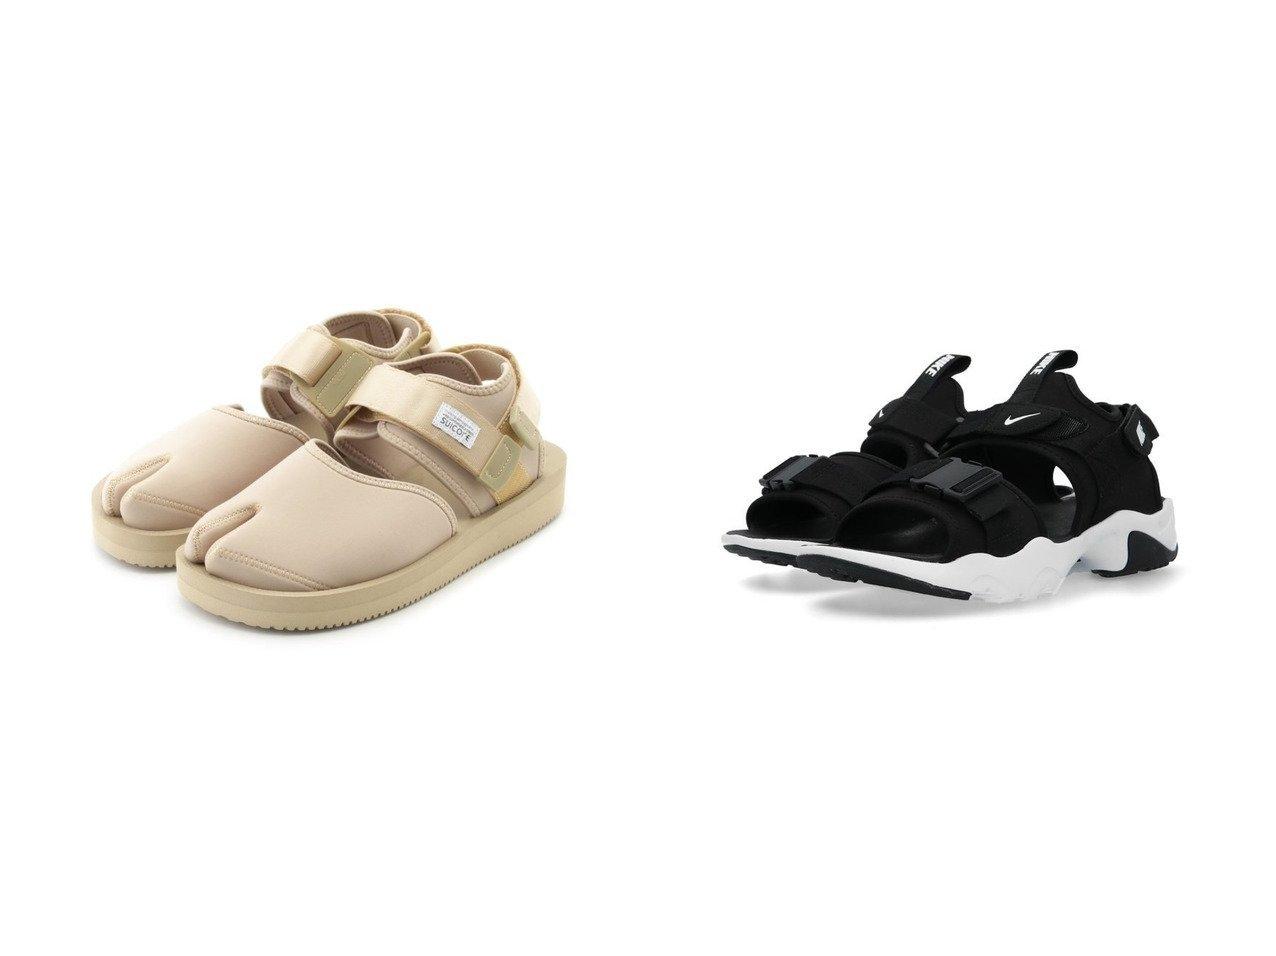 【NIKE/ナイキ】のWSキャニオンサンダル&【emmi/エミ】の【SUICOKE】BITA-V 【シューズ・靴】おすすめ!人気トレンド・レディースファッション通販 おすすめで人気の流行・トレンド、ファッションの通販商品 インテリア・家具・メンズファッション・キッズファッション・レディースファッション・服の通販 founy(ファニー) https://founy.com/ ファッション Fashion レディースファッション WOMEN クッション サンダル シューズ ミュール ビーチ フォーム 夏 Summer |ID:crp329100000051531